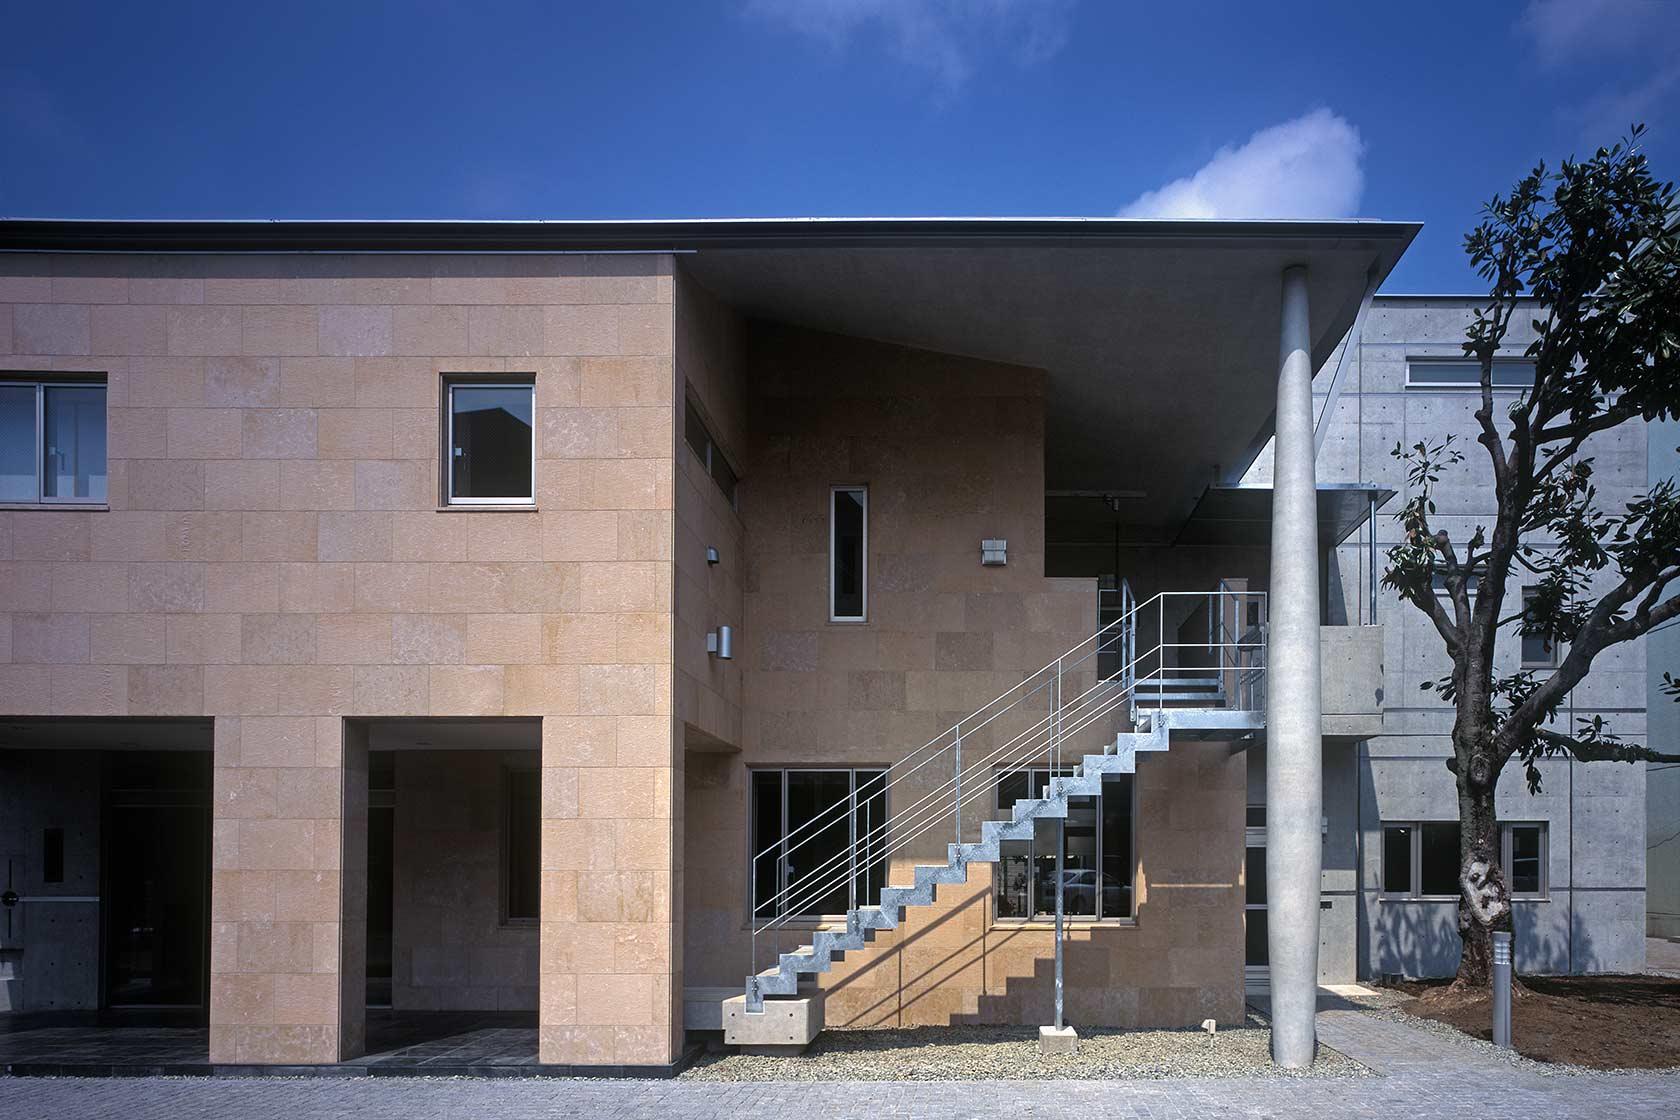 K織物株式会社+K邸26-2階の住居へ上る外部階段